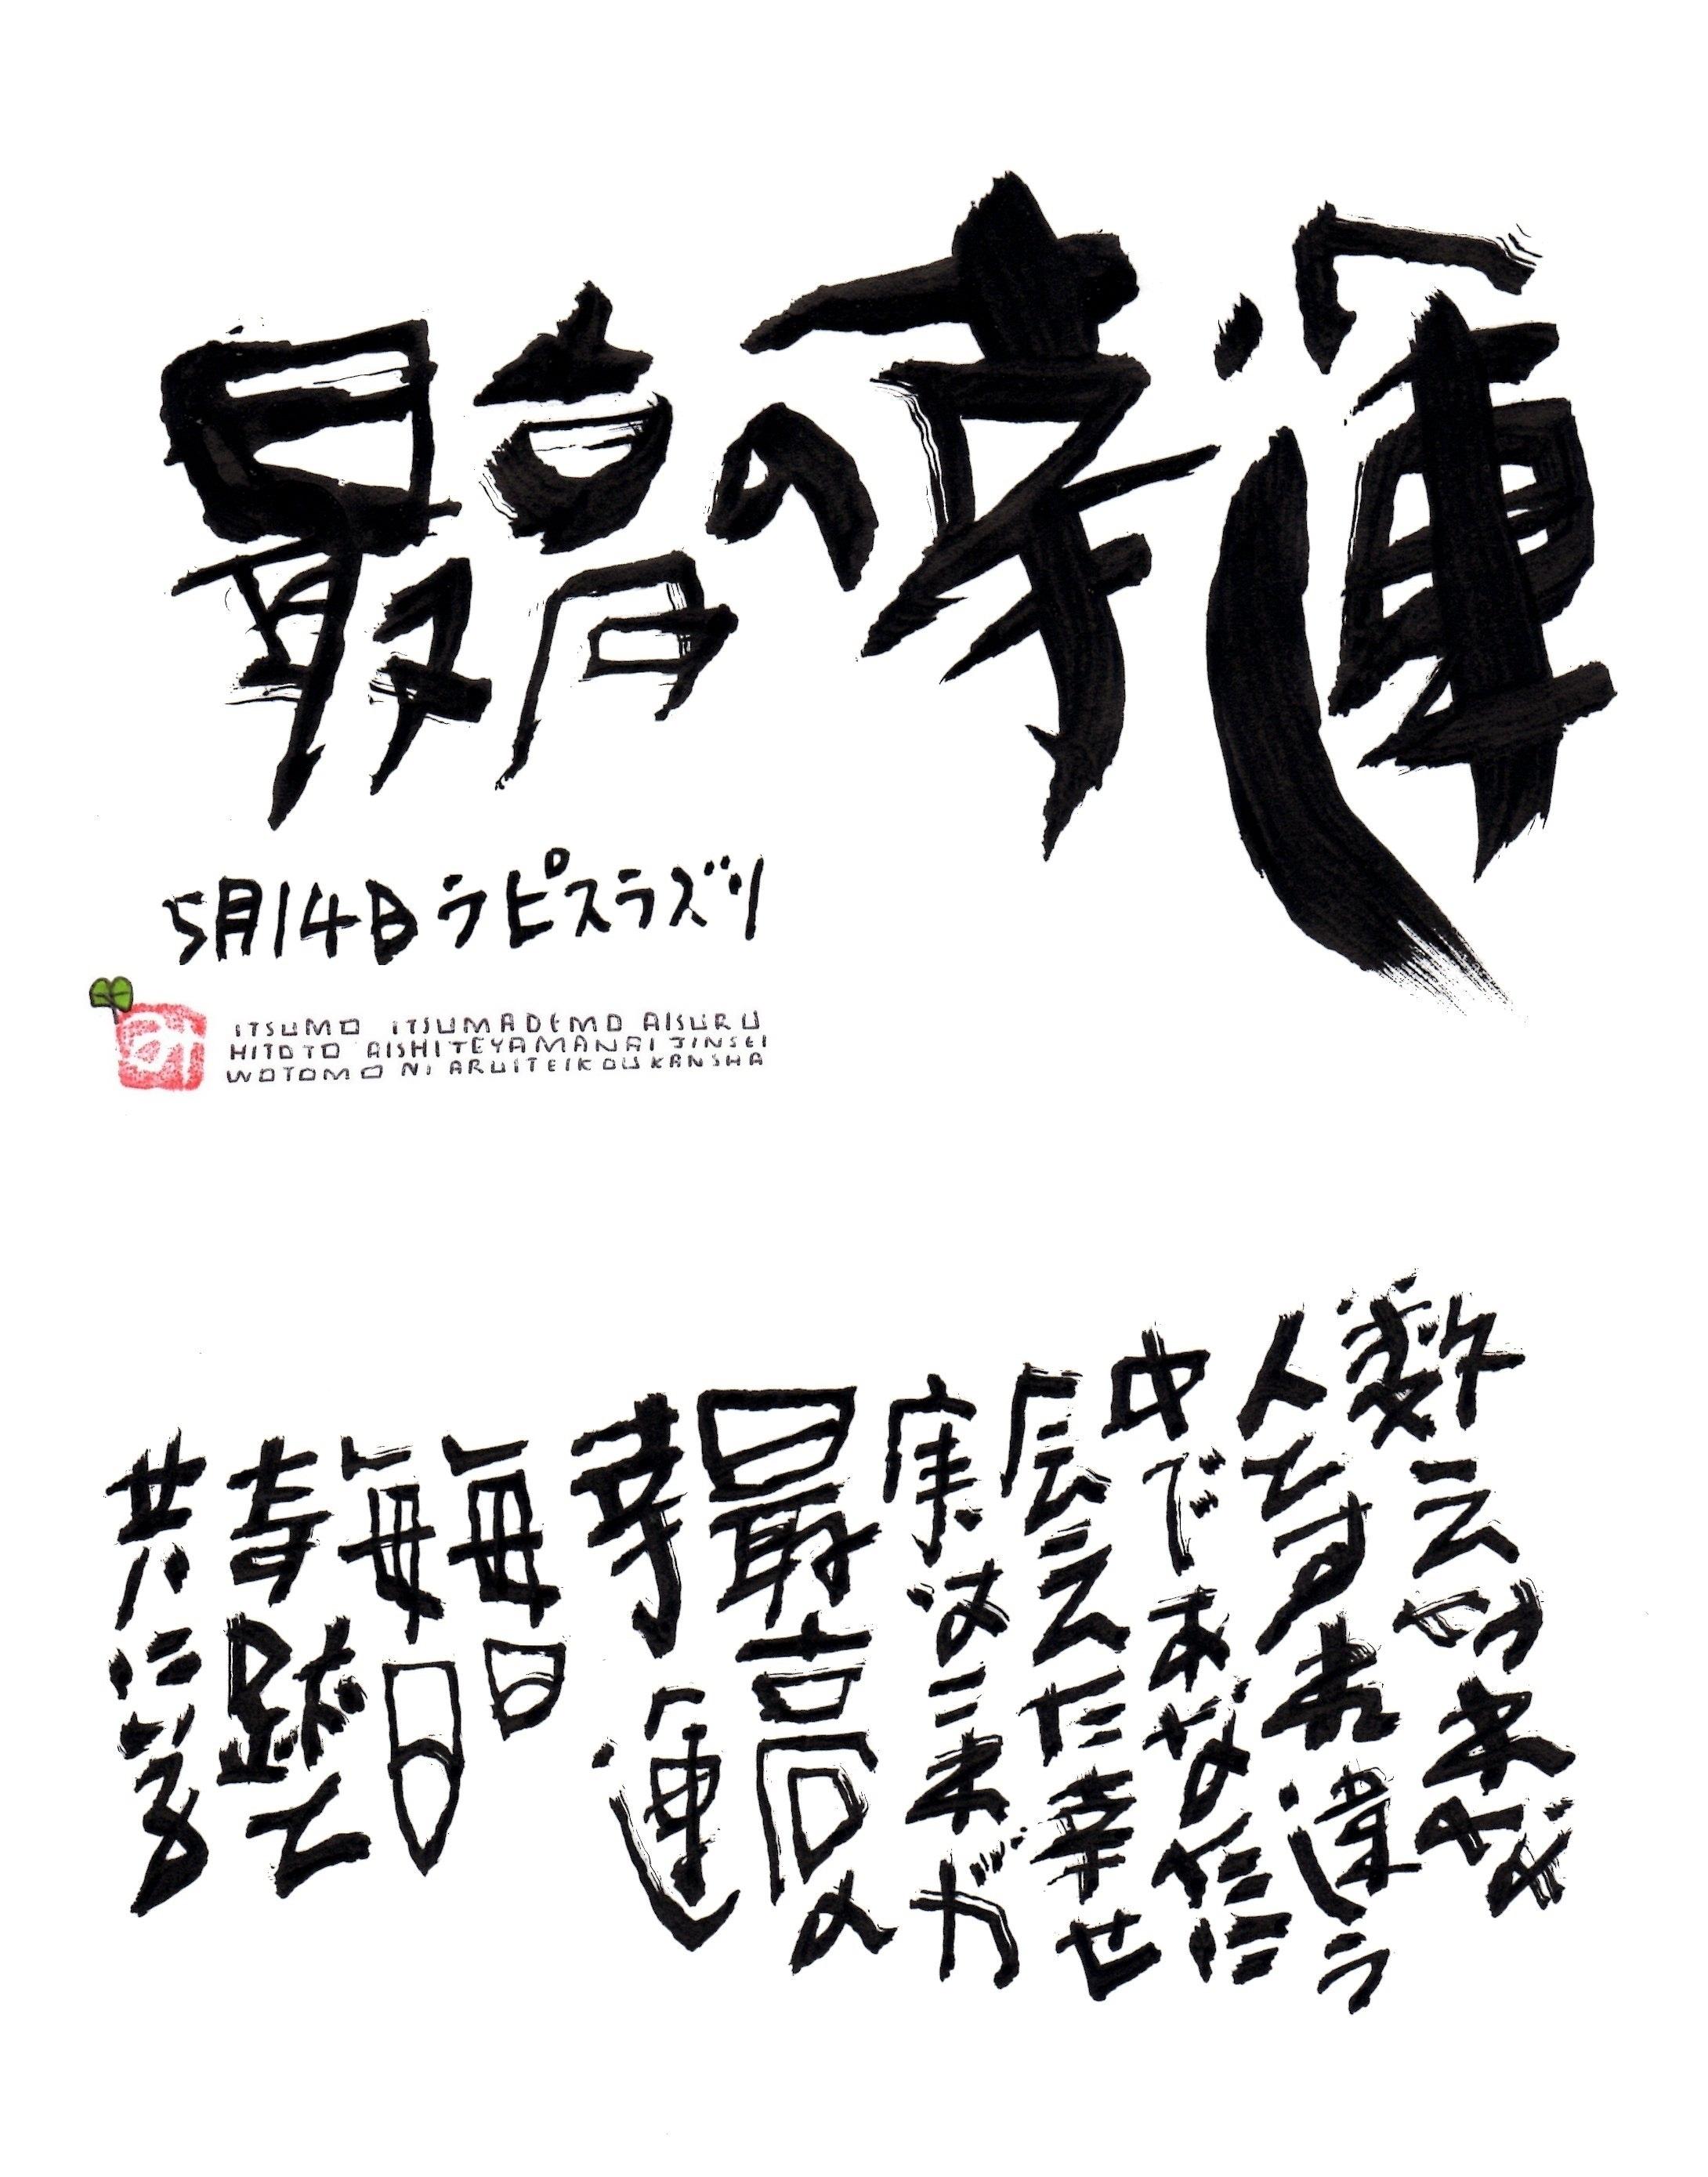 5月14日 結婚記念日ポストカード【最高の幸運】